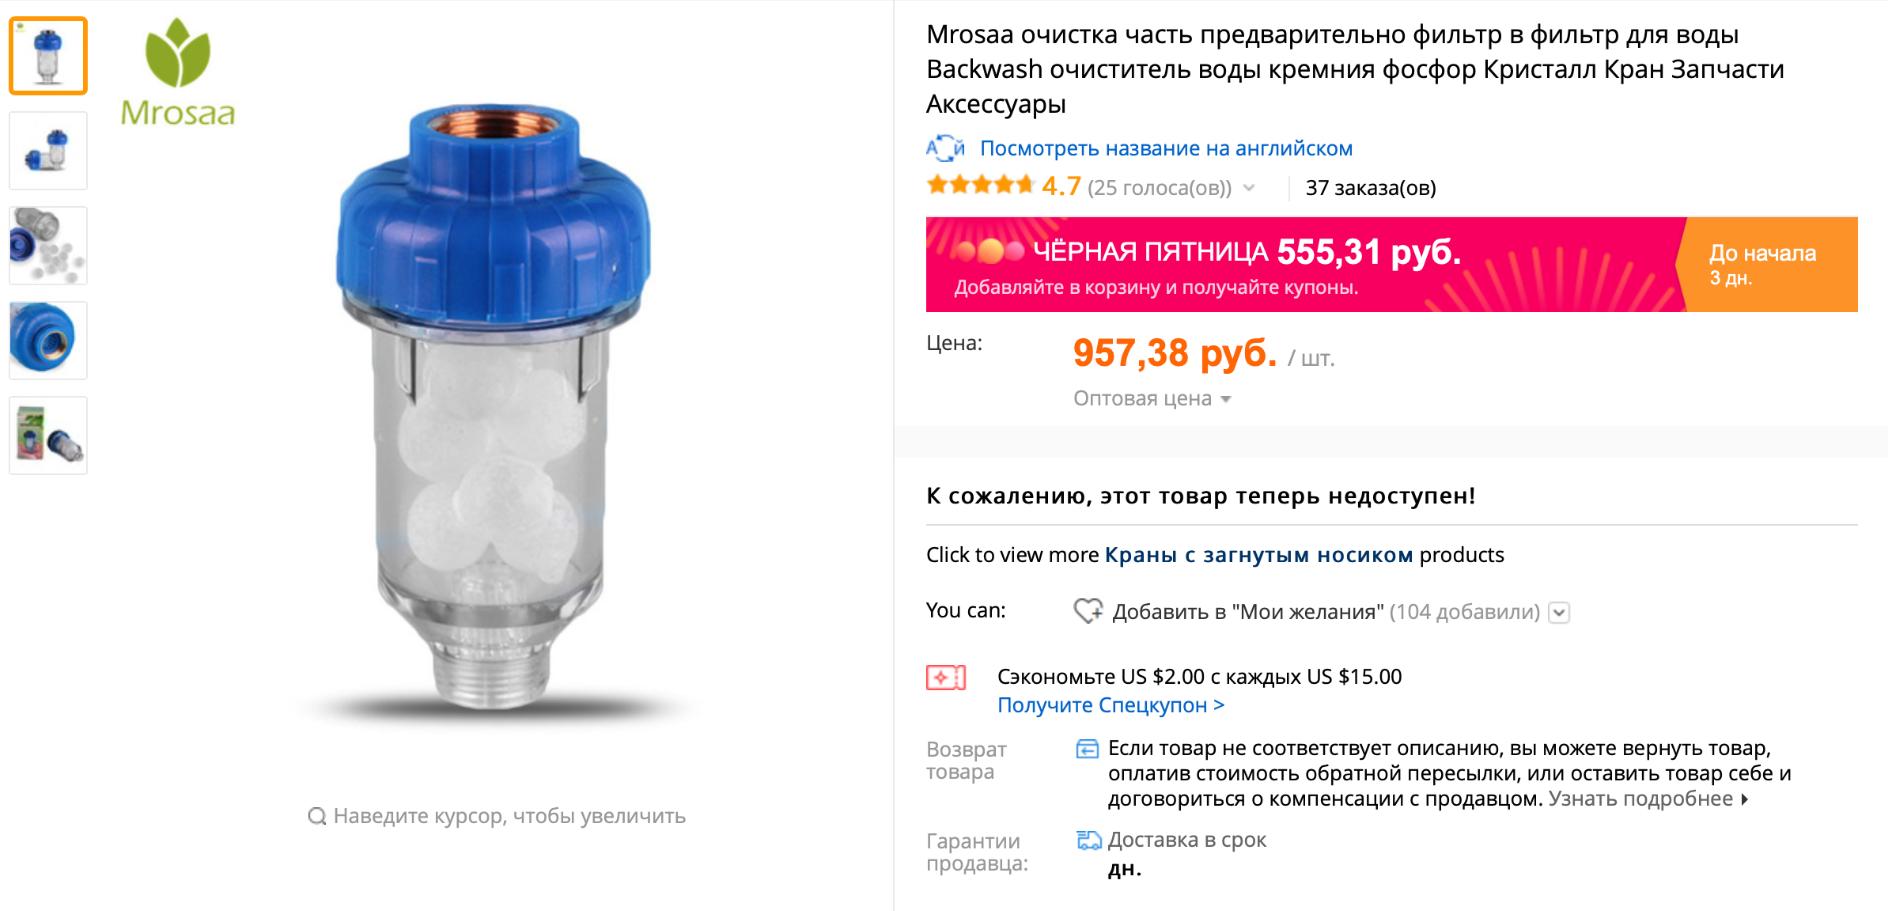 Фильтр для воды с «Алиэкспресса»